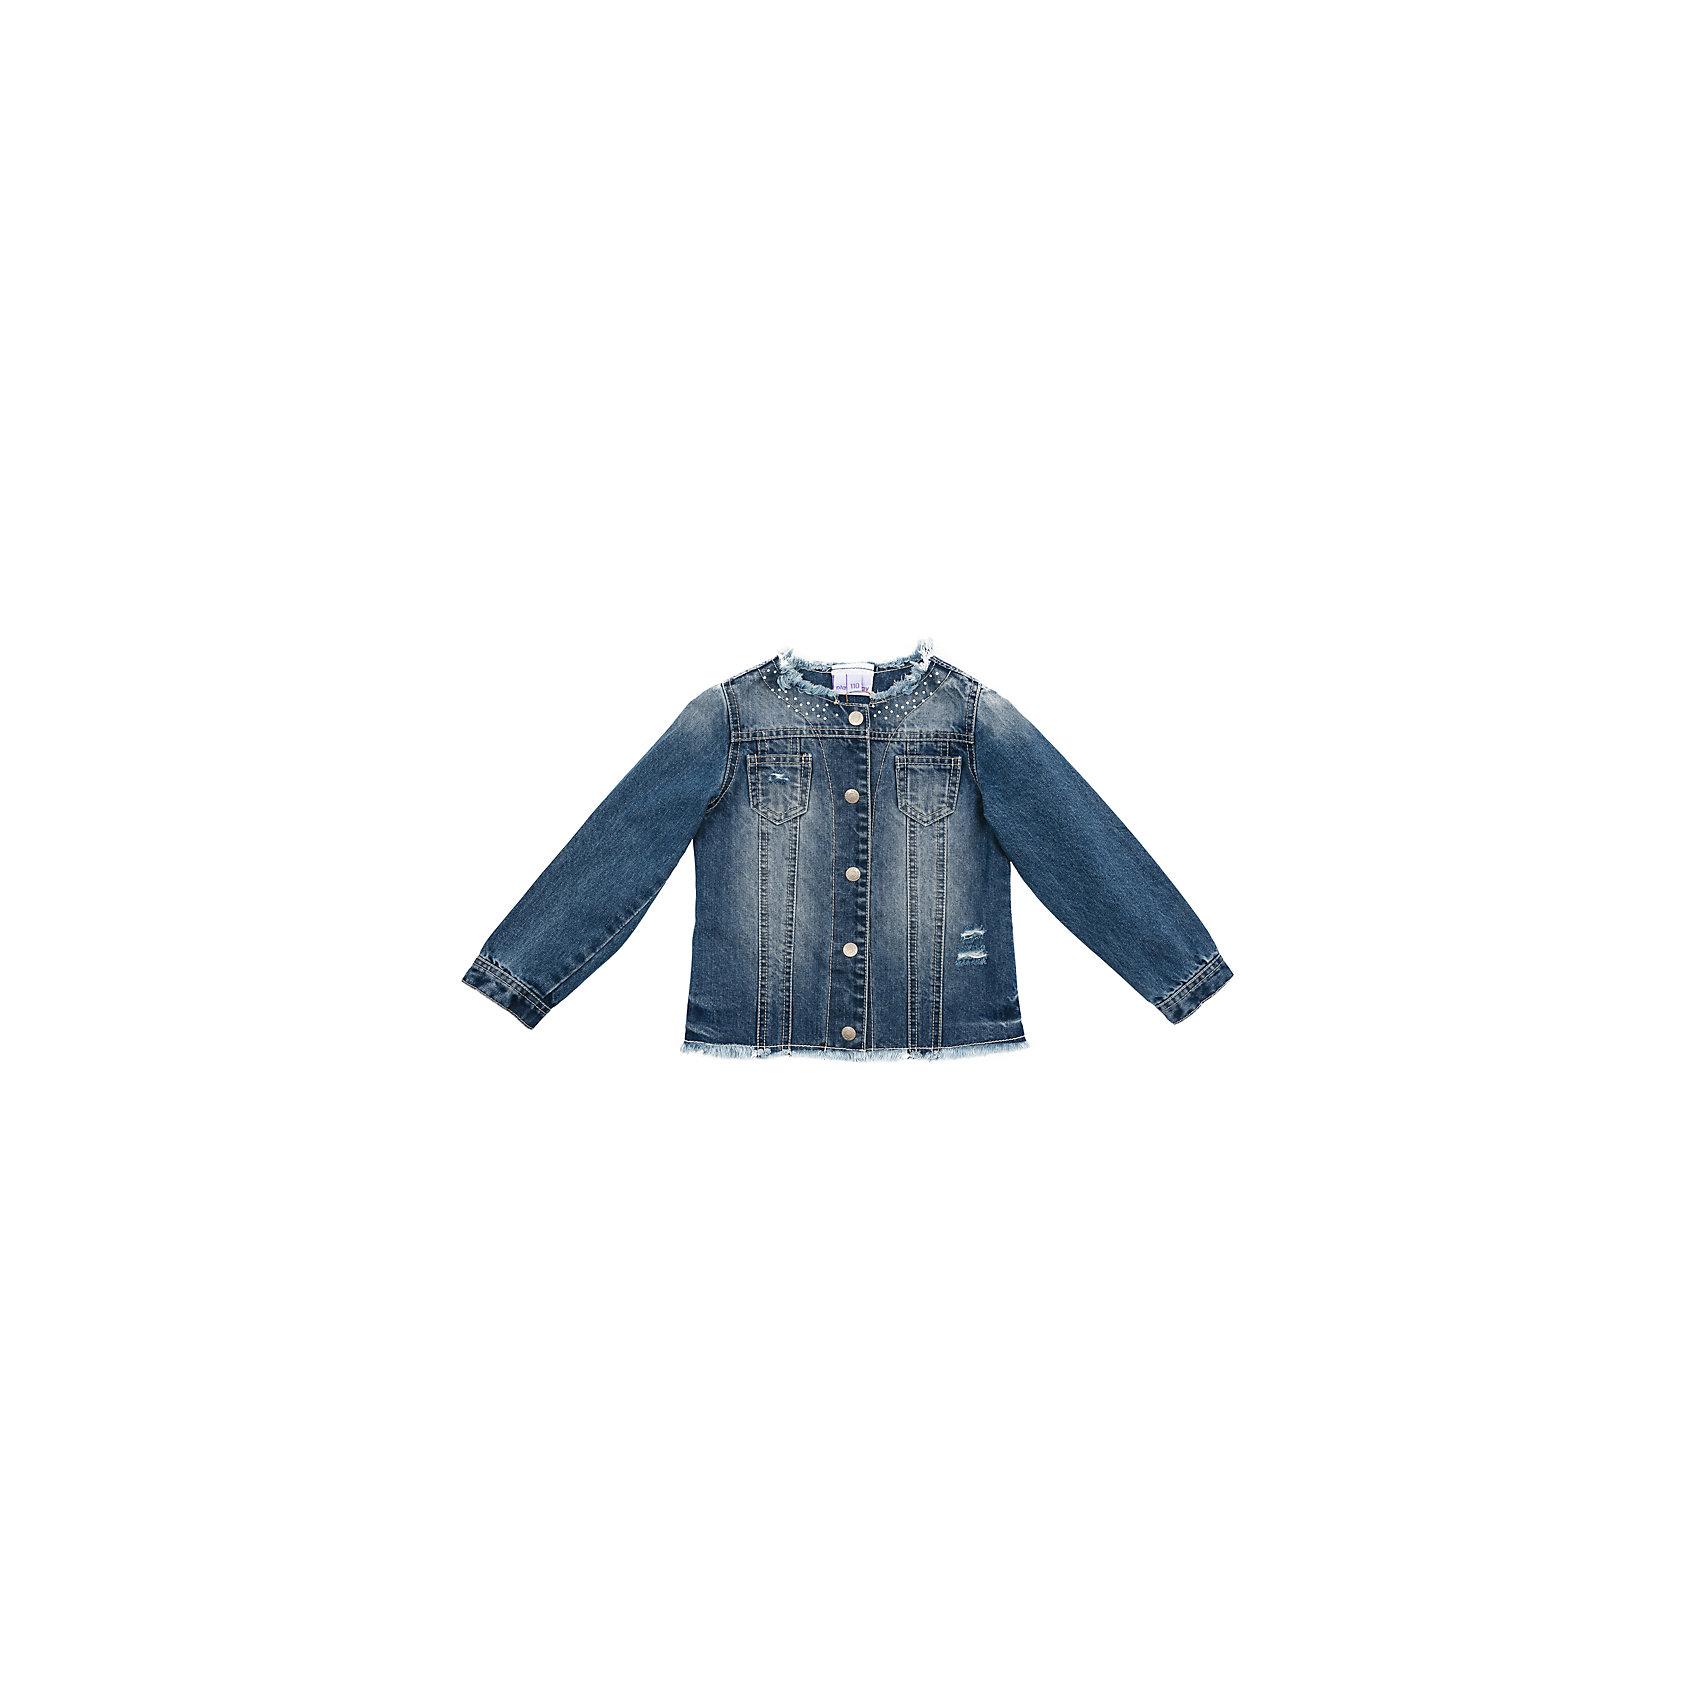 Куртка джинсовая для девочки PlayTodayДжинсовый бум<br>Характеристики товара:<br><br>• цвет: синий<br>• состав: 100% хлопок<br>• без утеплителя<br>• температурный режим: от +10°С до +20°С<br>• карманы<br>• на металлических пуговицах <br>• с эффектом потертости <br>• коллекция: весна-лето 2017<br>• страна бренда: Германия<br>• страна производства: Китай<br><br>Популярный бренд PlayToday выпустил новую коллекцию! Вещи из неё продолжают радовать покупателей удобством, стильным дизайном и продуманным кроем. Дети носят их с удовольствием. PlayToday - это линейка товаров, созданная специально для детей. Дизайнеры учитывают новые веяния моды и потребности детей. Порадуйте ребенка обновкой от проверенного производителя!<br>Такая куртка обеспечит ребенку комфорт благодаря качественному материалу и продуманному крою. С помощью этой модели можно удобно одеться по погоде. Очень модная модель! Отлично подходит для переменной погоды межсезонья.<br><br>Куртку для девочки от известного бренда PlayToday можно купить в нашем интернет-магазине.<br><br>Ширина мм: 356<br>Глубина мм: 10<br>Высота мм: 245<br>Вес г: 519<br>Цвет: синий<br>Возраст от месяцев: 84<br>Возраст до месяцев: 96<br>Пол: Женский<br>Возраст: Детский<br>Размер: 128,98,104,110,116,122<br>SKU: 5404244